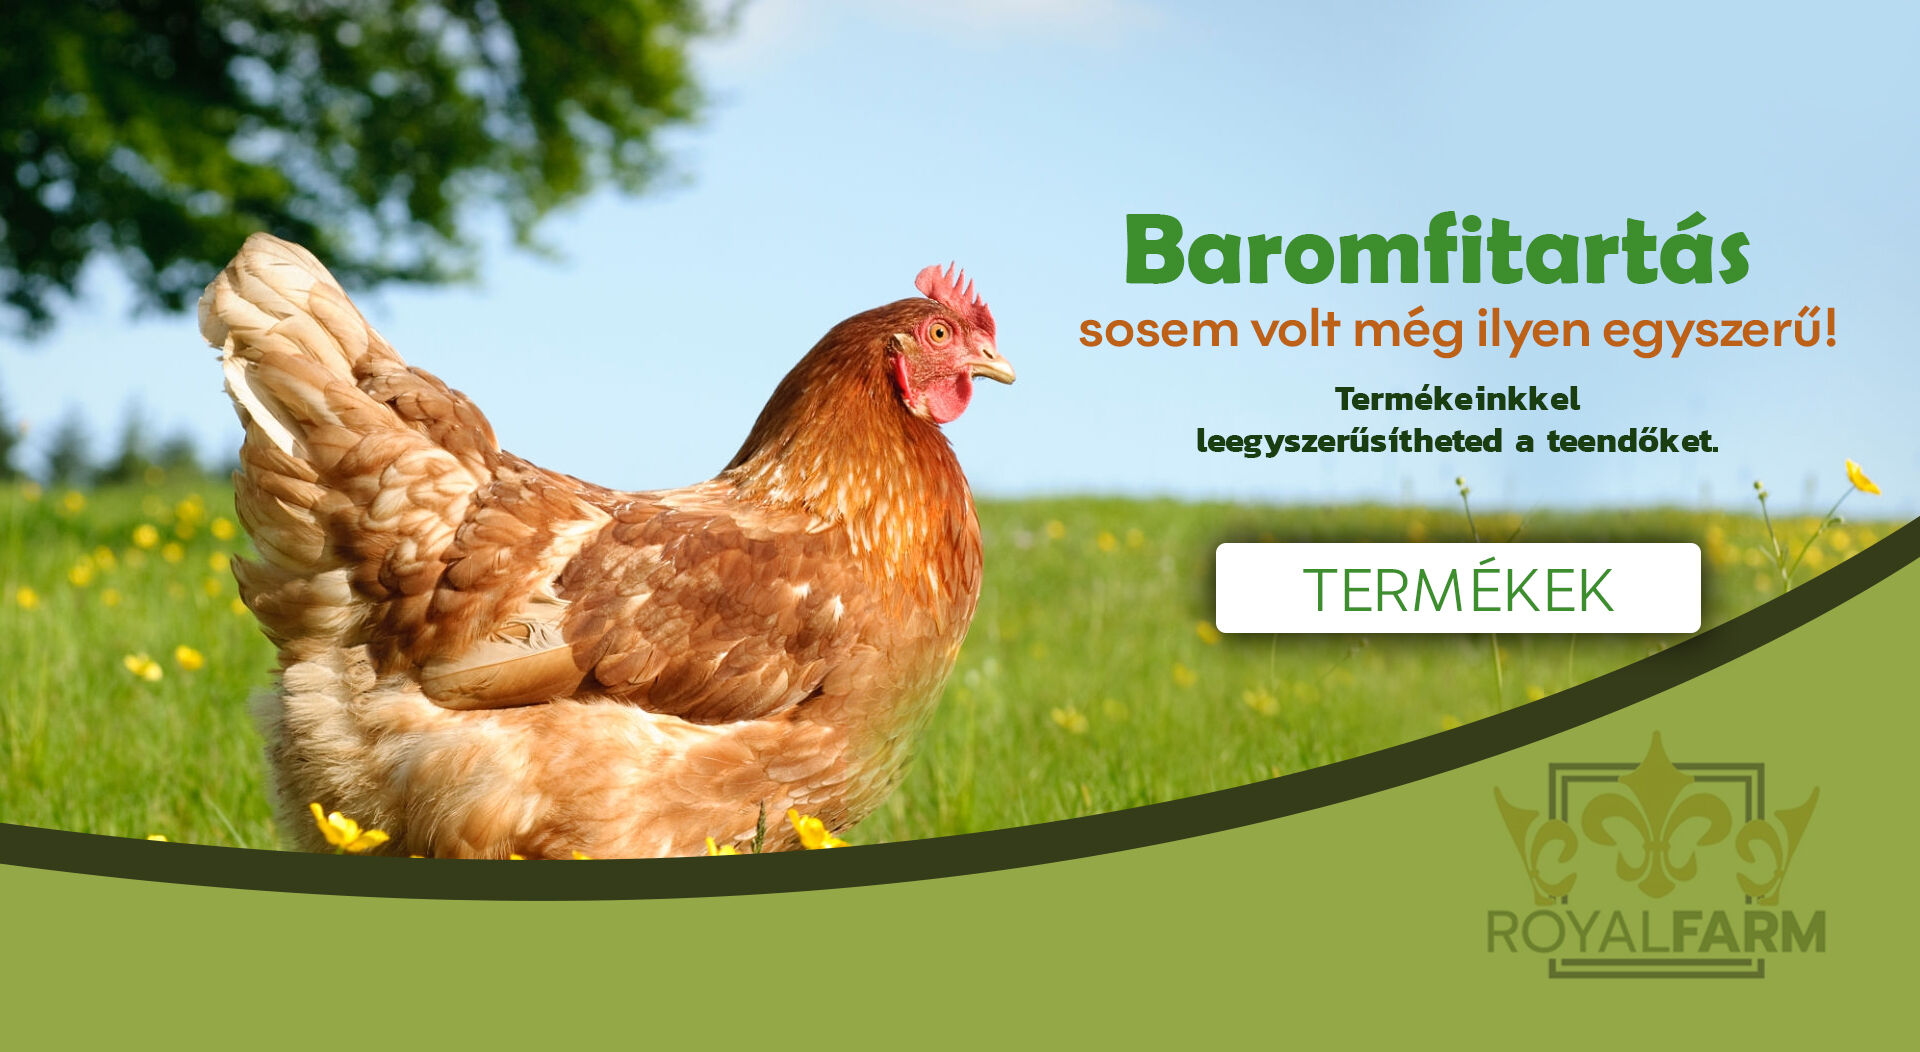 Baromfi